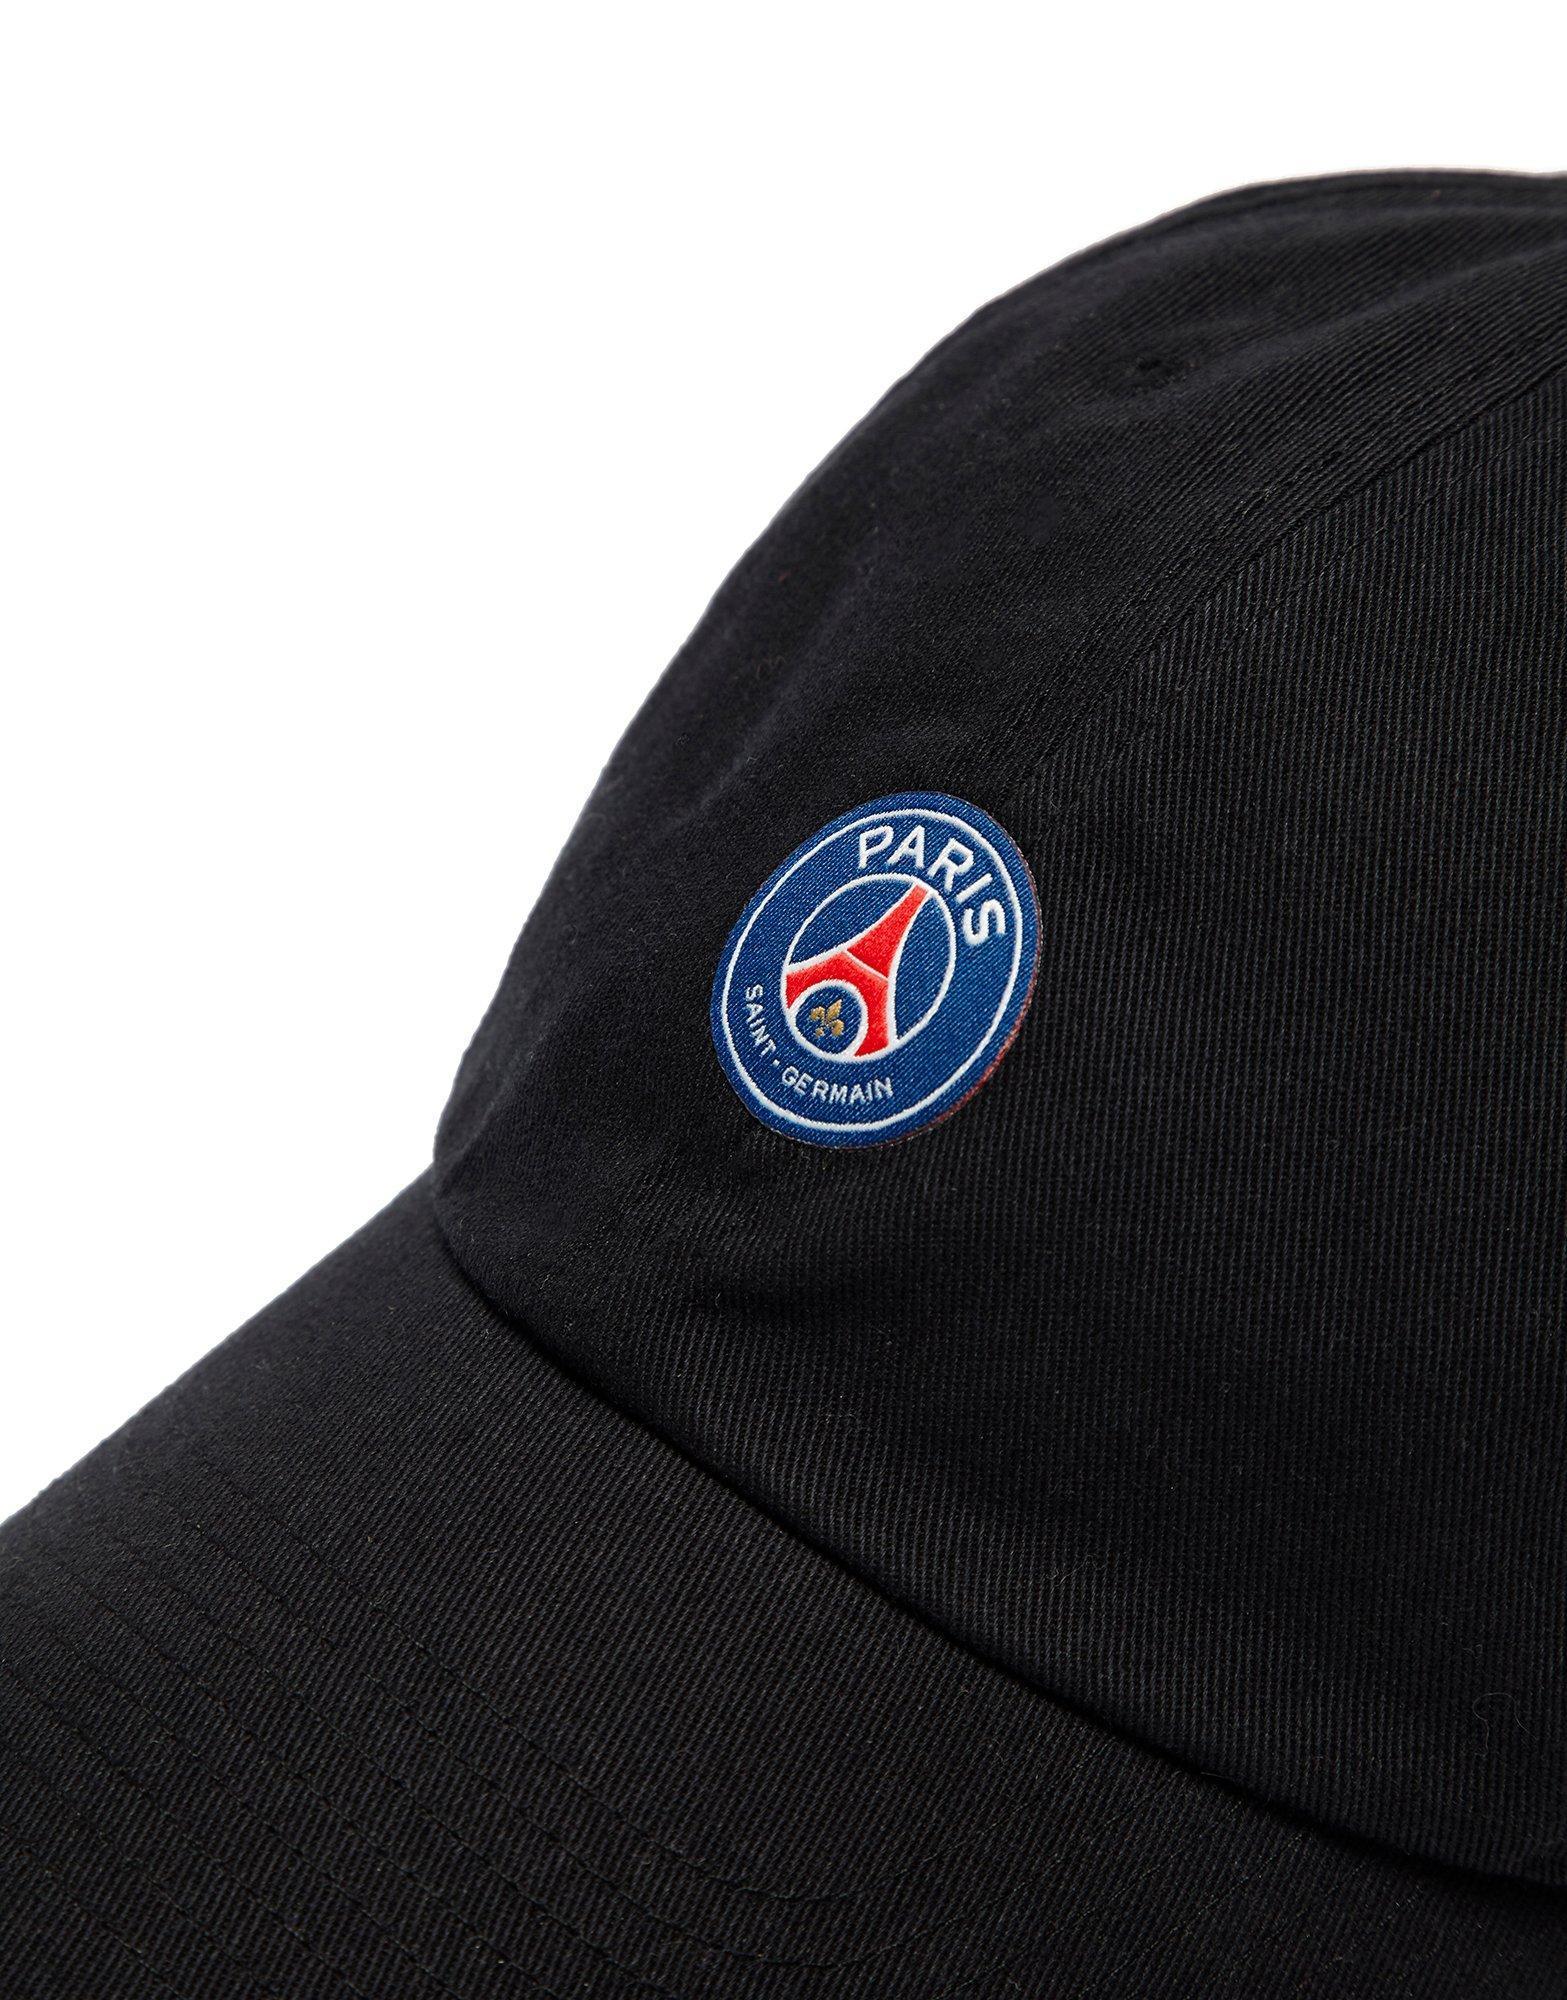 211bca9c237 Lyst - Nike Paris Saint Germain H86 Cap in Black for Men